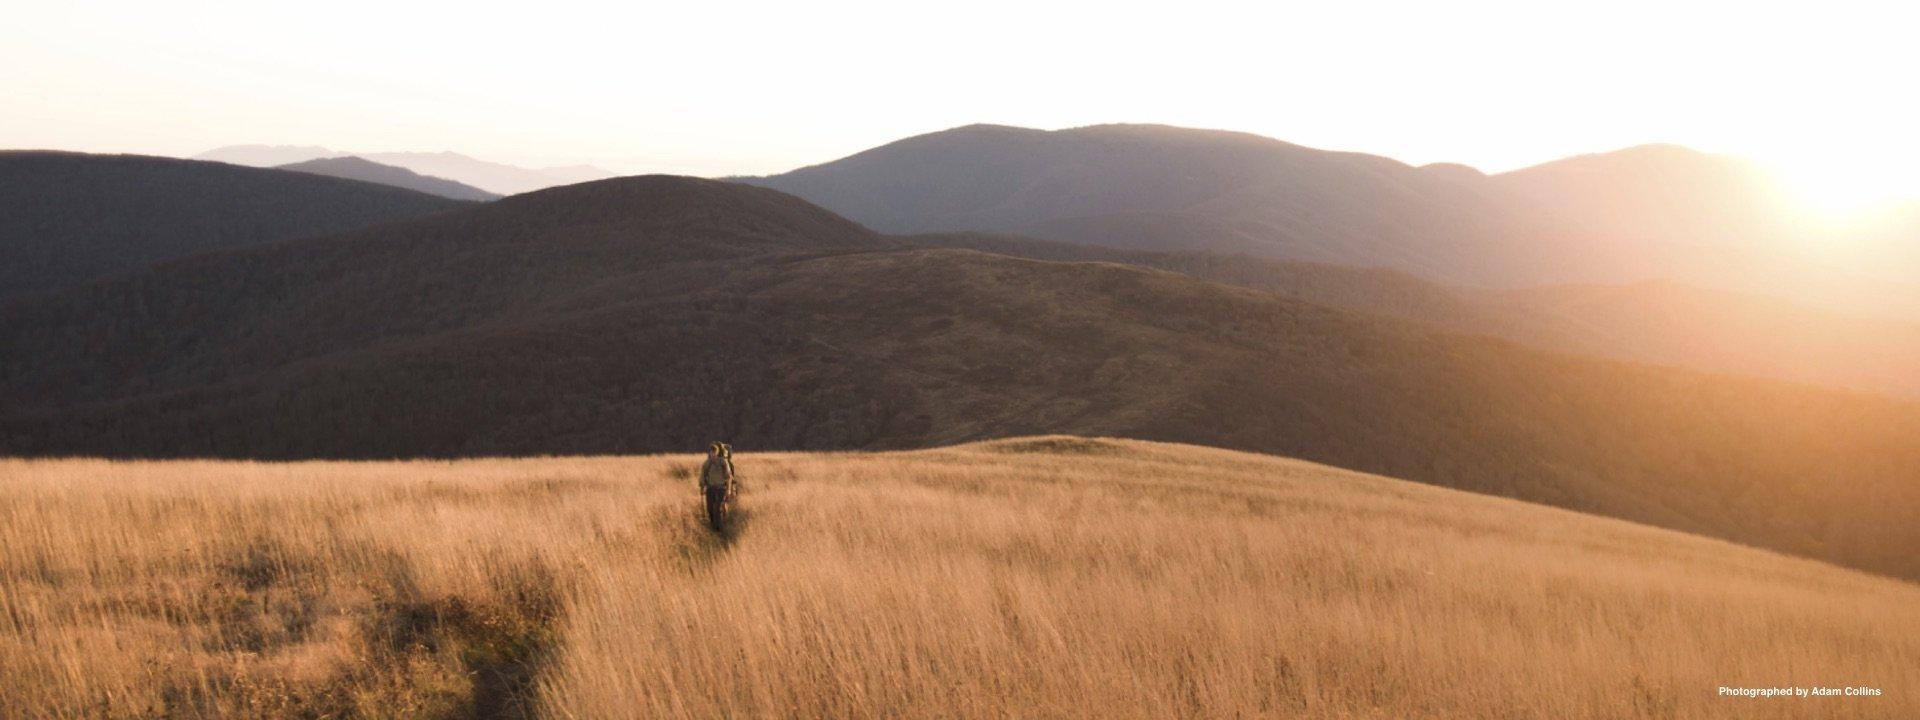 appalachian_trail_banner_a_1920x.jpg